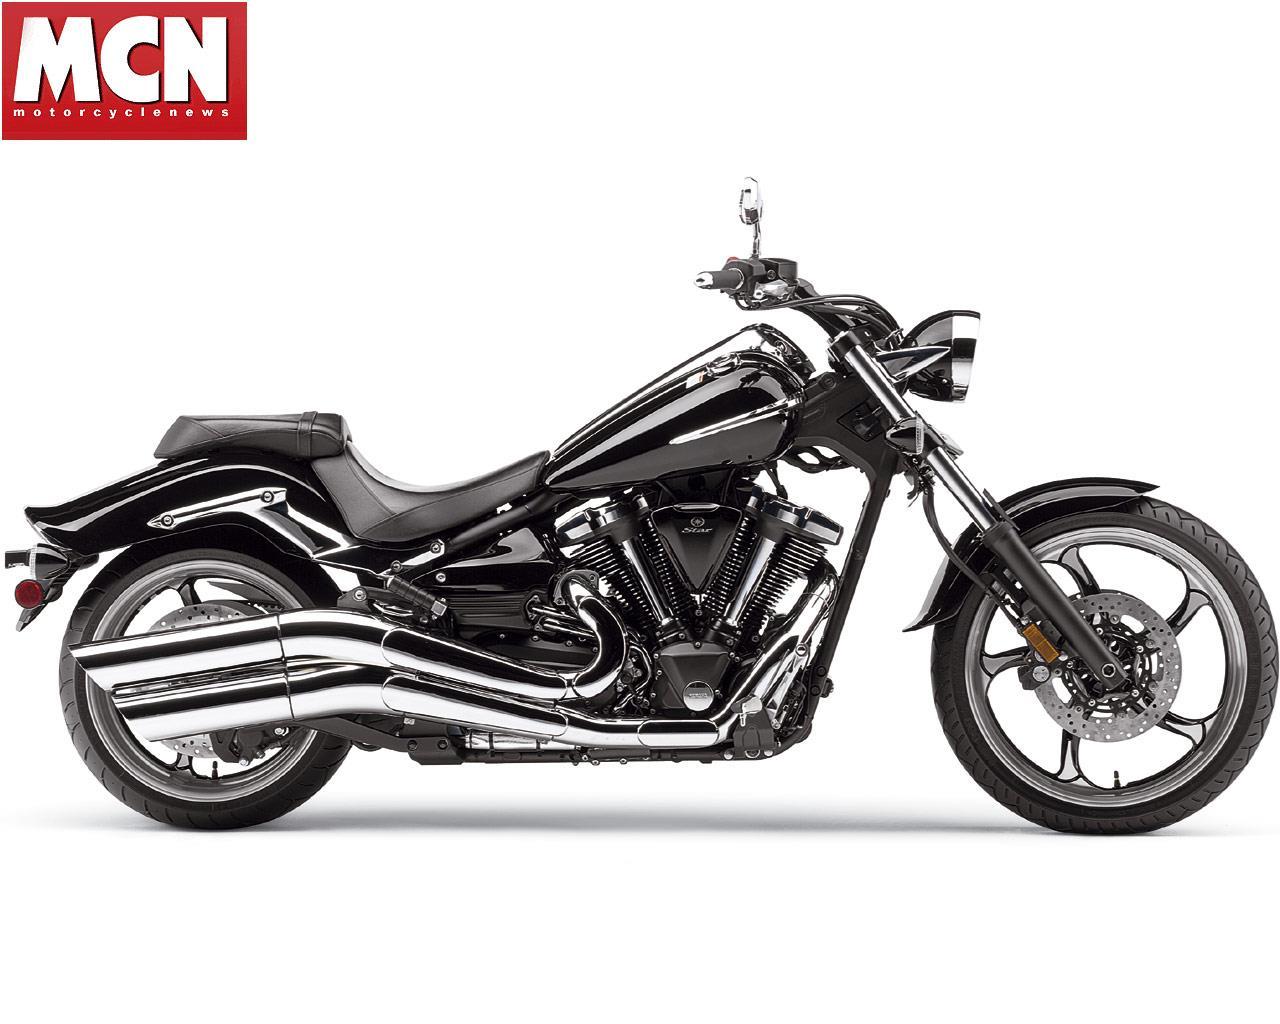 New 2008 Yamaha XV1900 Raider custom cruiser motorcycle